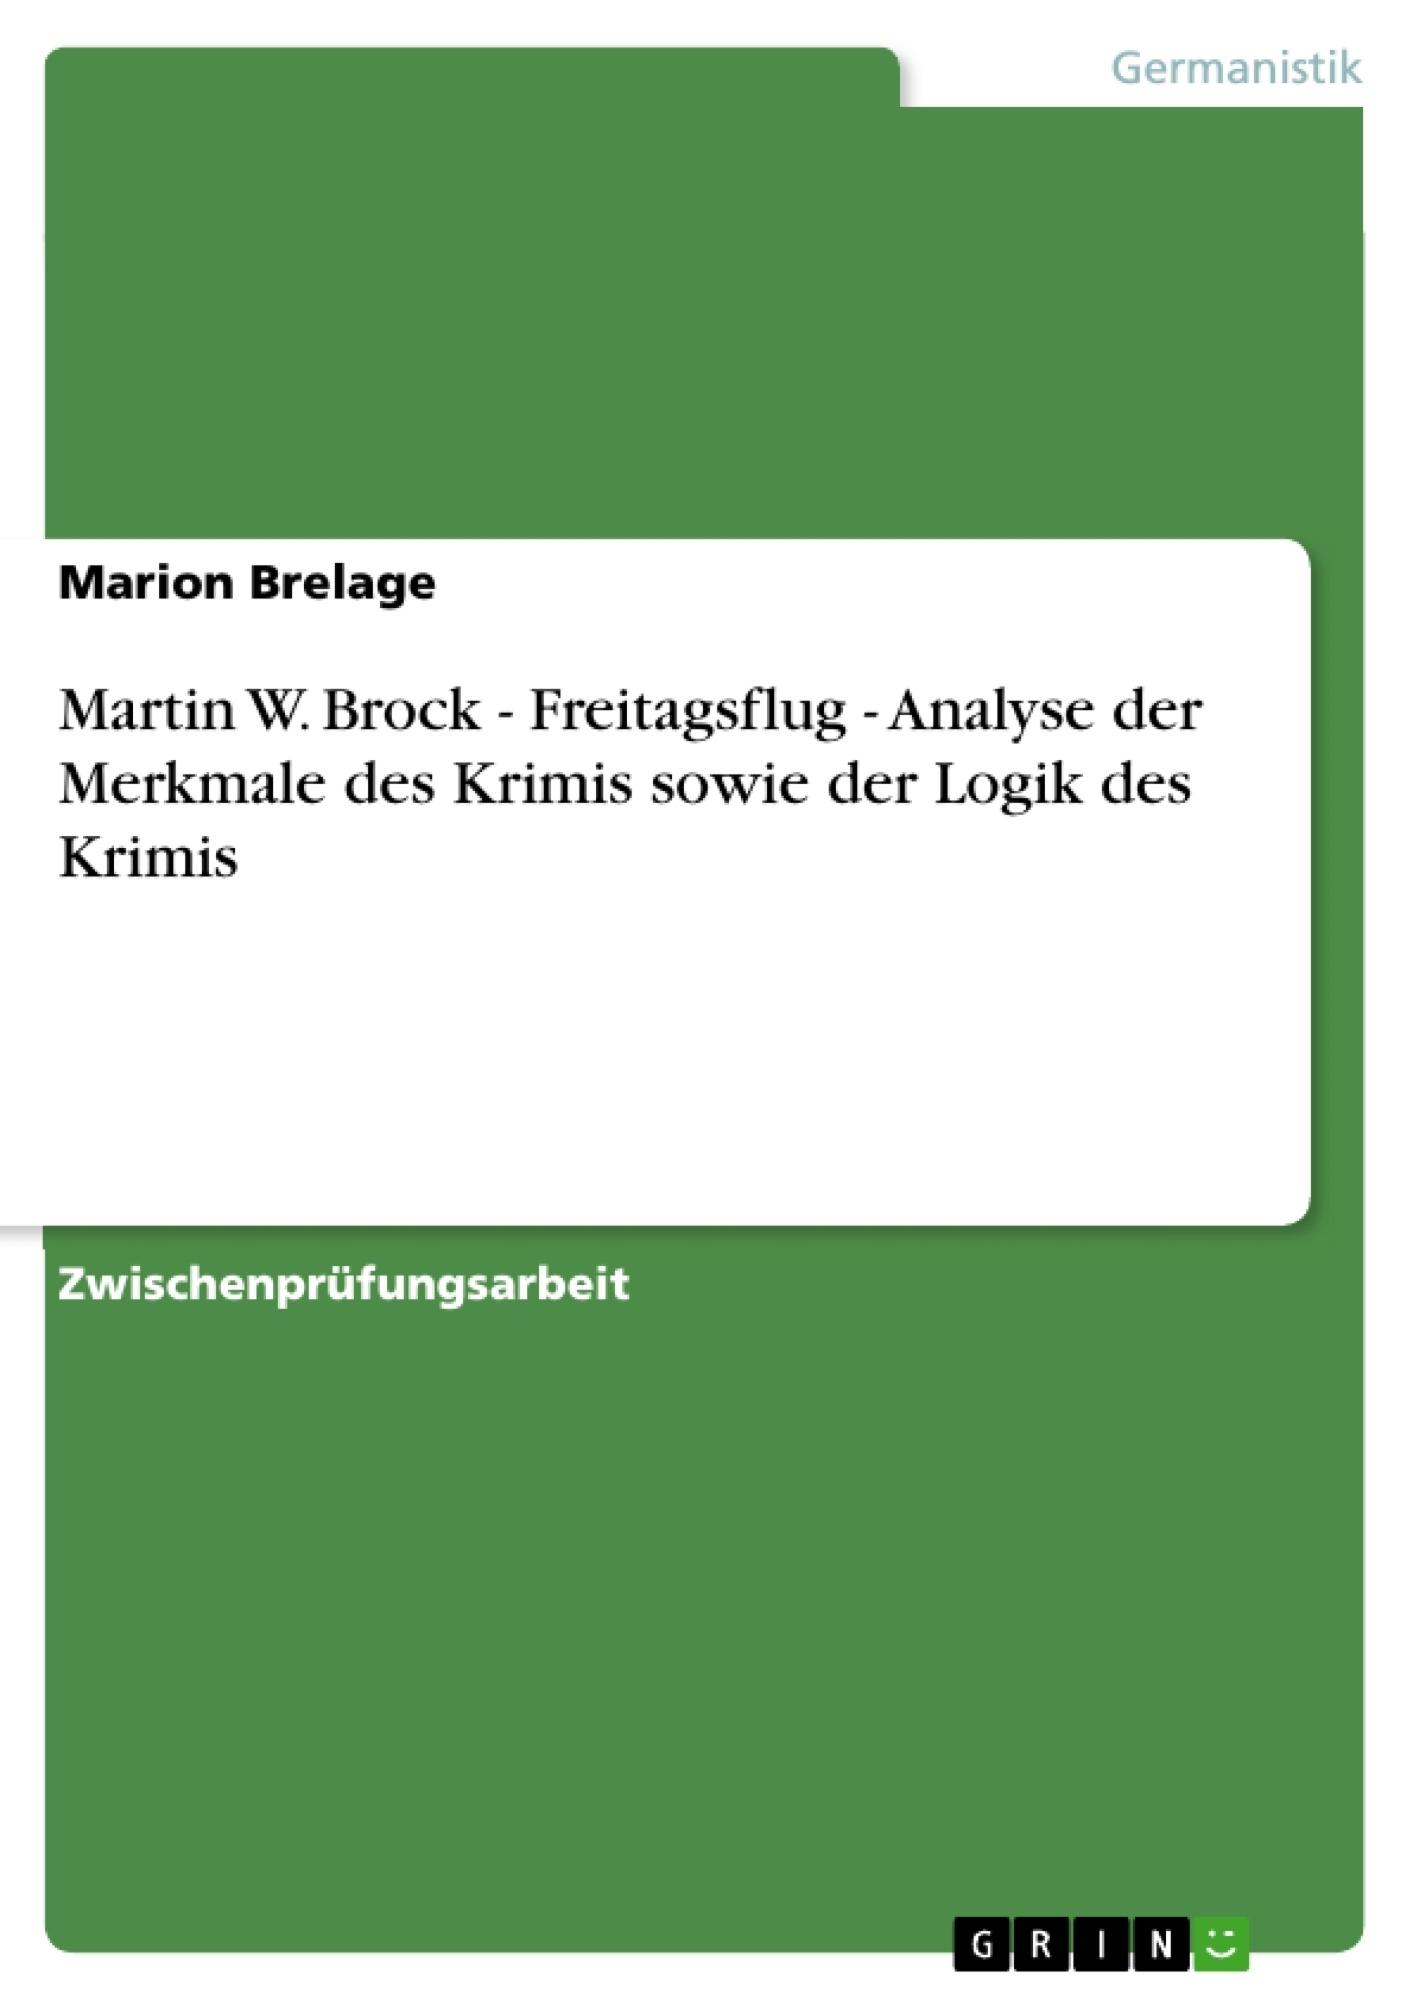 Titel: Martin W. Brock - Freitagsflug - Analyse der Merkmale des Krimis sowie der Logik des Krimis